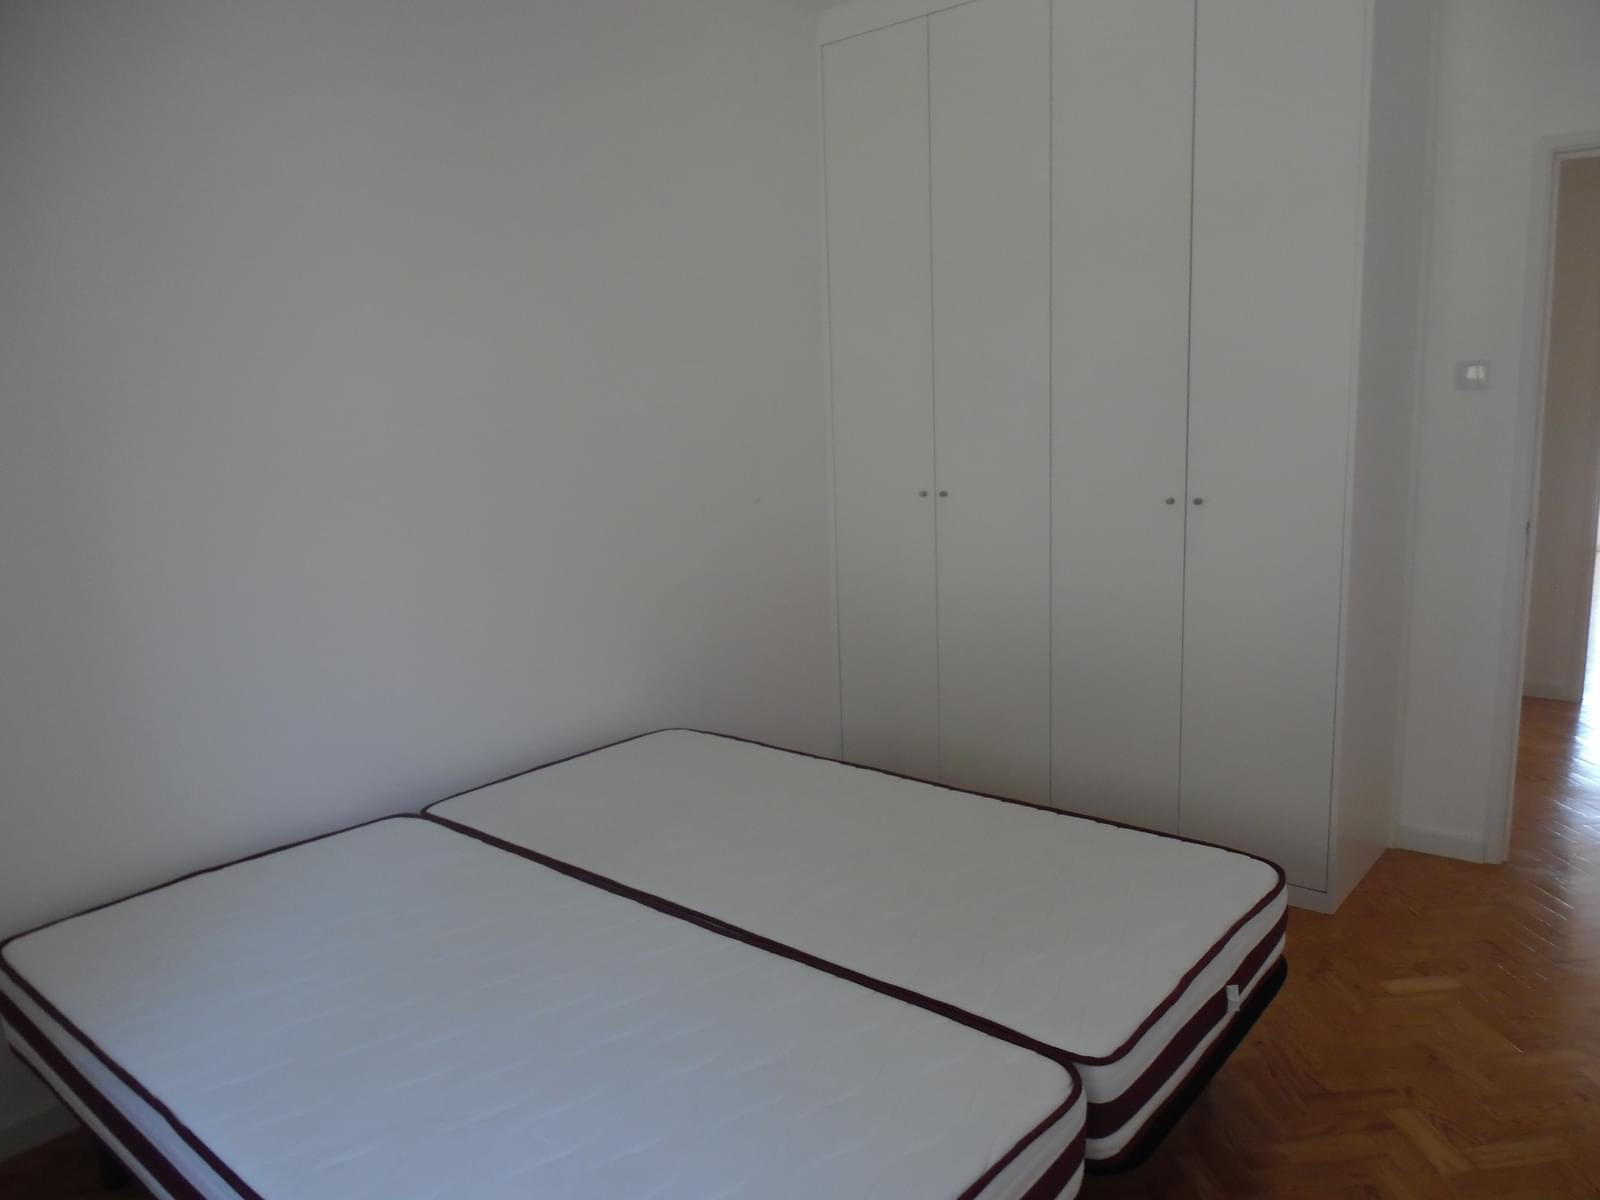 pf17256-apartamento-t2-lisboa-c2089908-9ca7-4739-acc0-dba1ec3d4635